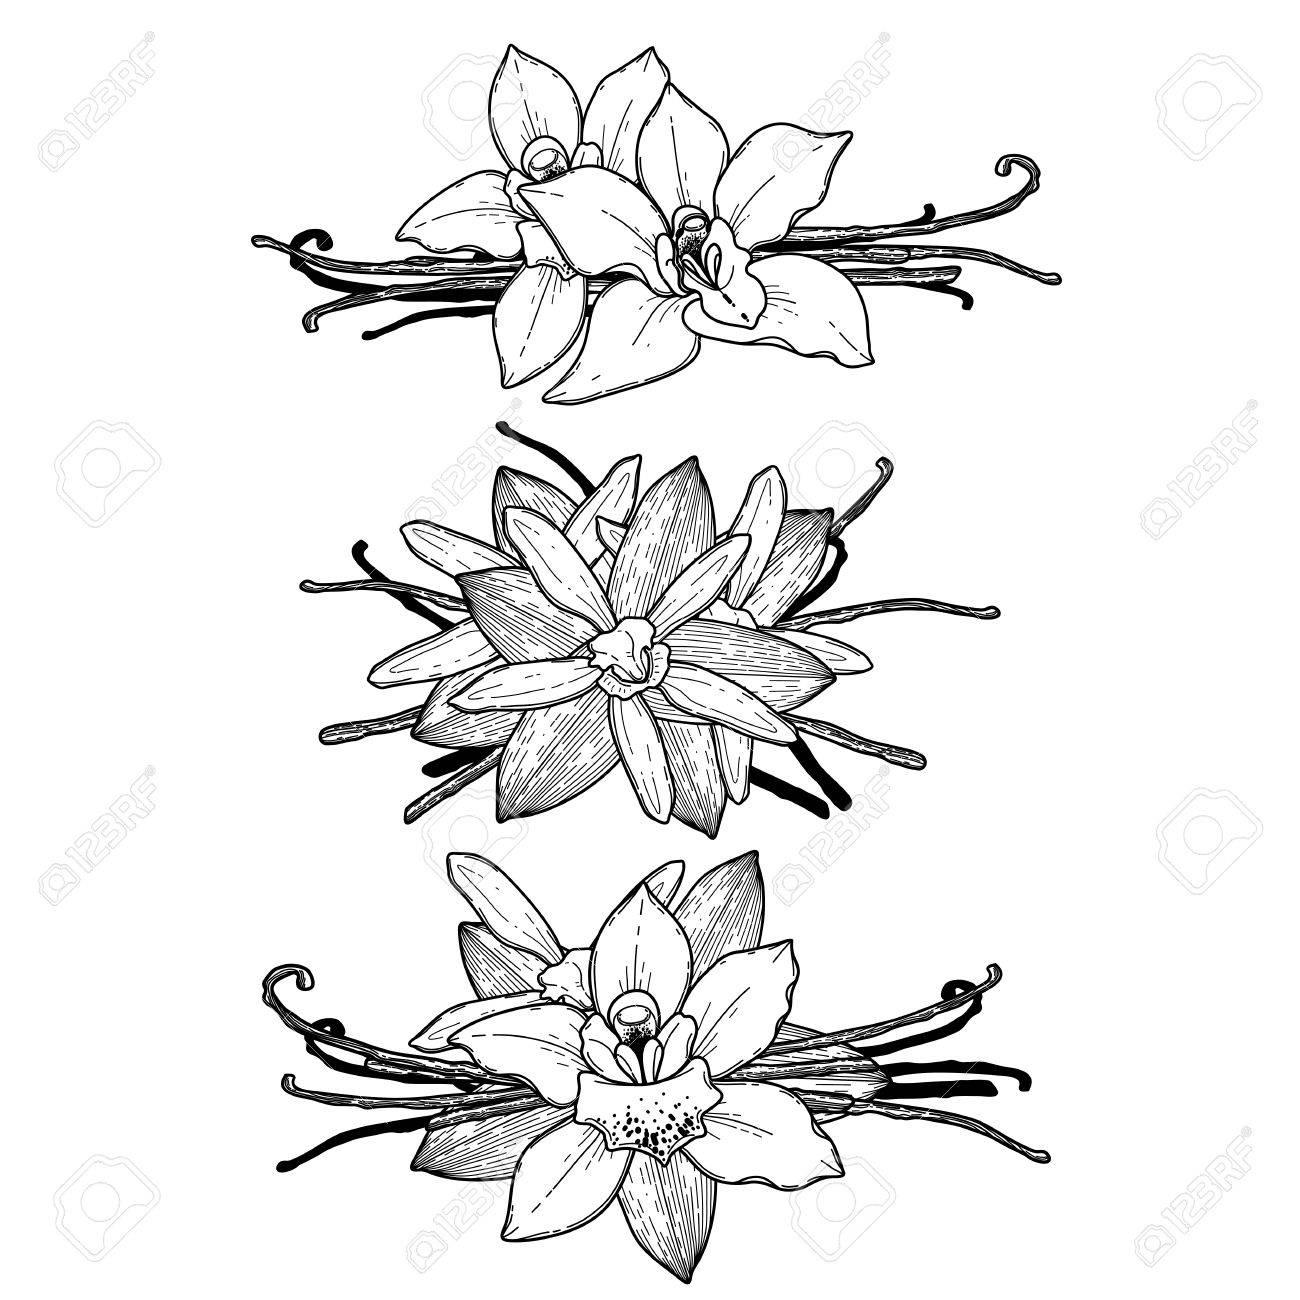 Graphic Collection De Fleurs De Vanille Isolé Sur Fond Blanc Vector Floral Vignettes Page De Livre De Coloriage Design Pour Les Adultes Et Les